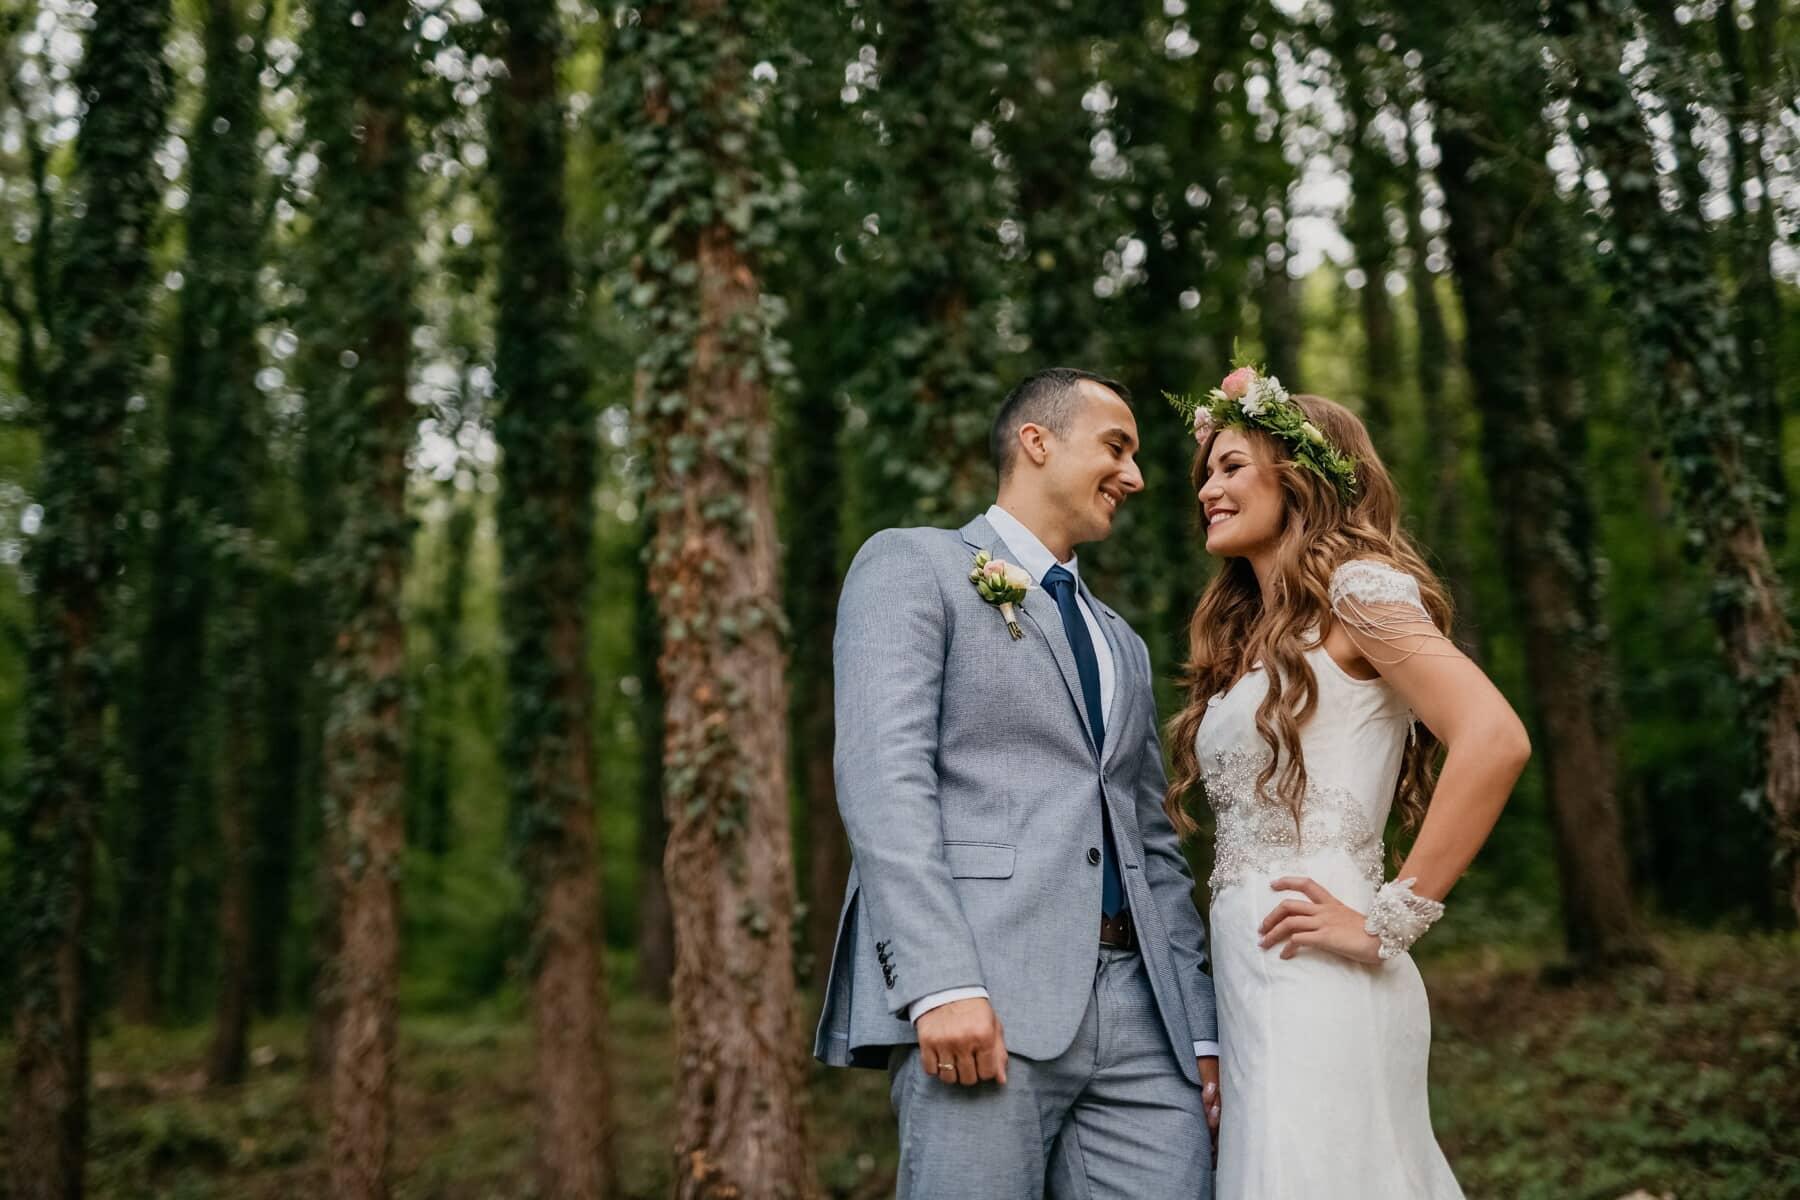 noivo, noiva, floresta, em pé, sorriso, amor, casal, ao ar livre, casamento, natureza